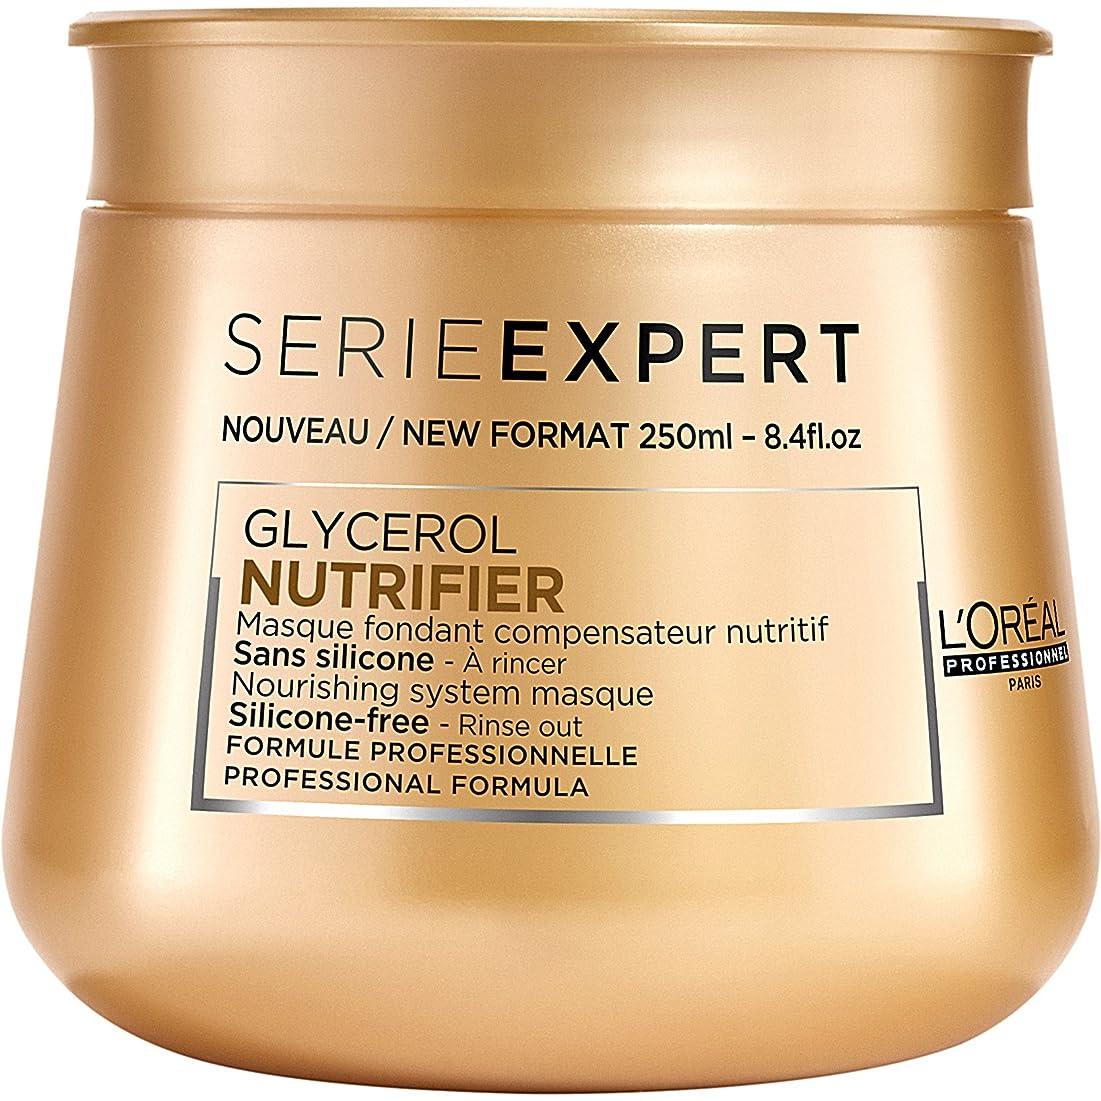 寛容なリップ介入するL'Oreal Serie Expert Glycerol NUTRIFIER Nourishing System Masque 250 ml [並行輸入品]